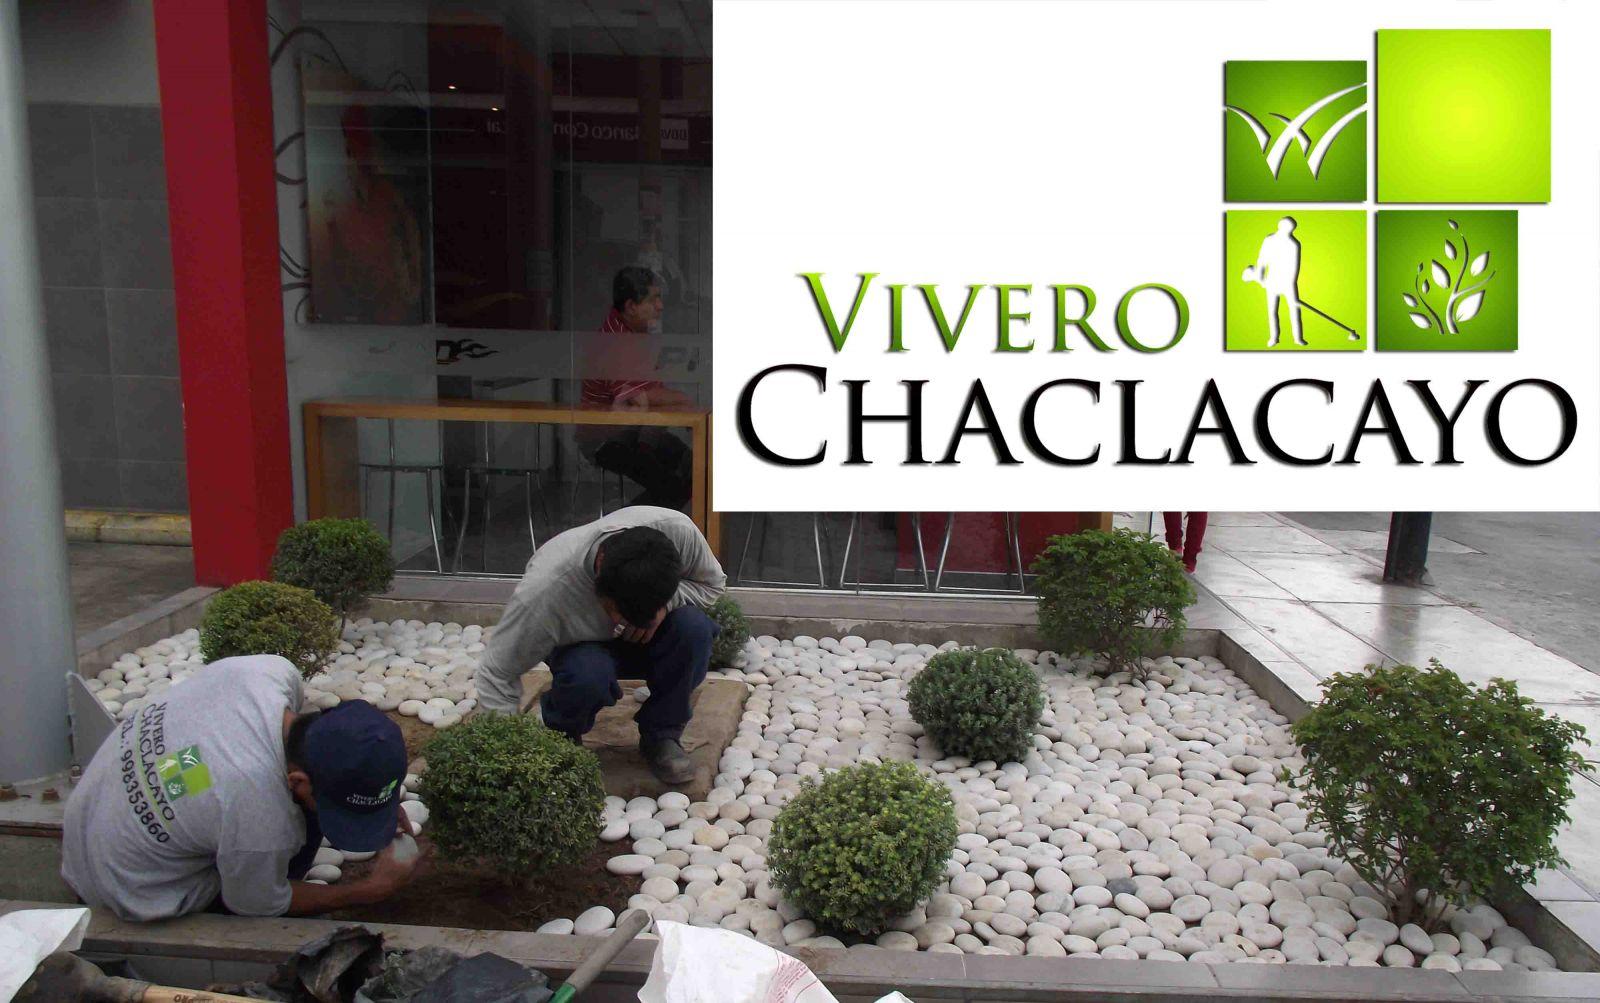 Instalaci n de piedra canto rodado lima metropolitana vivero chaclacayo - Piedra blanca para jardin precio ...